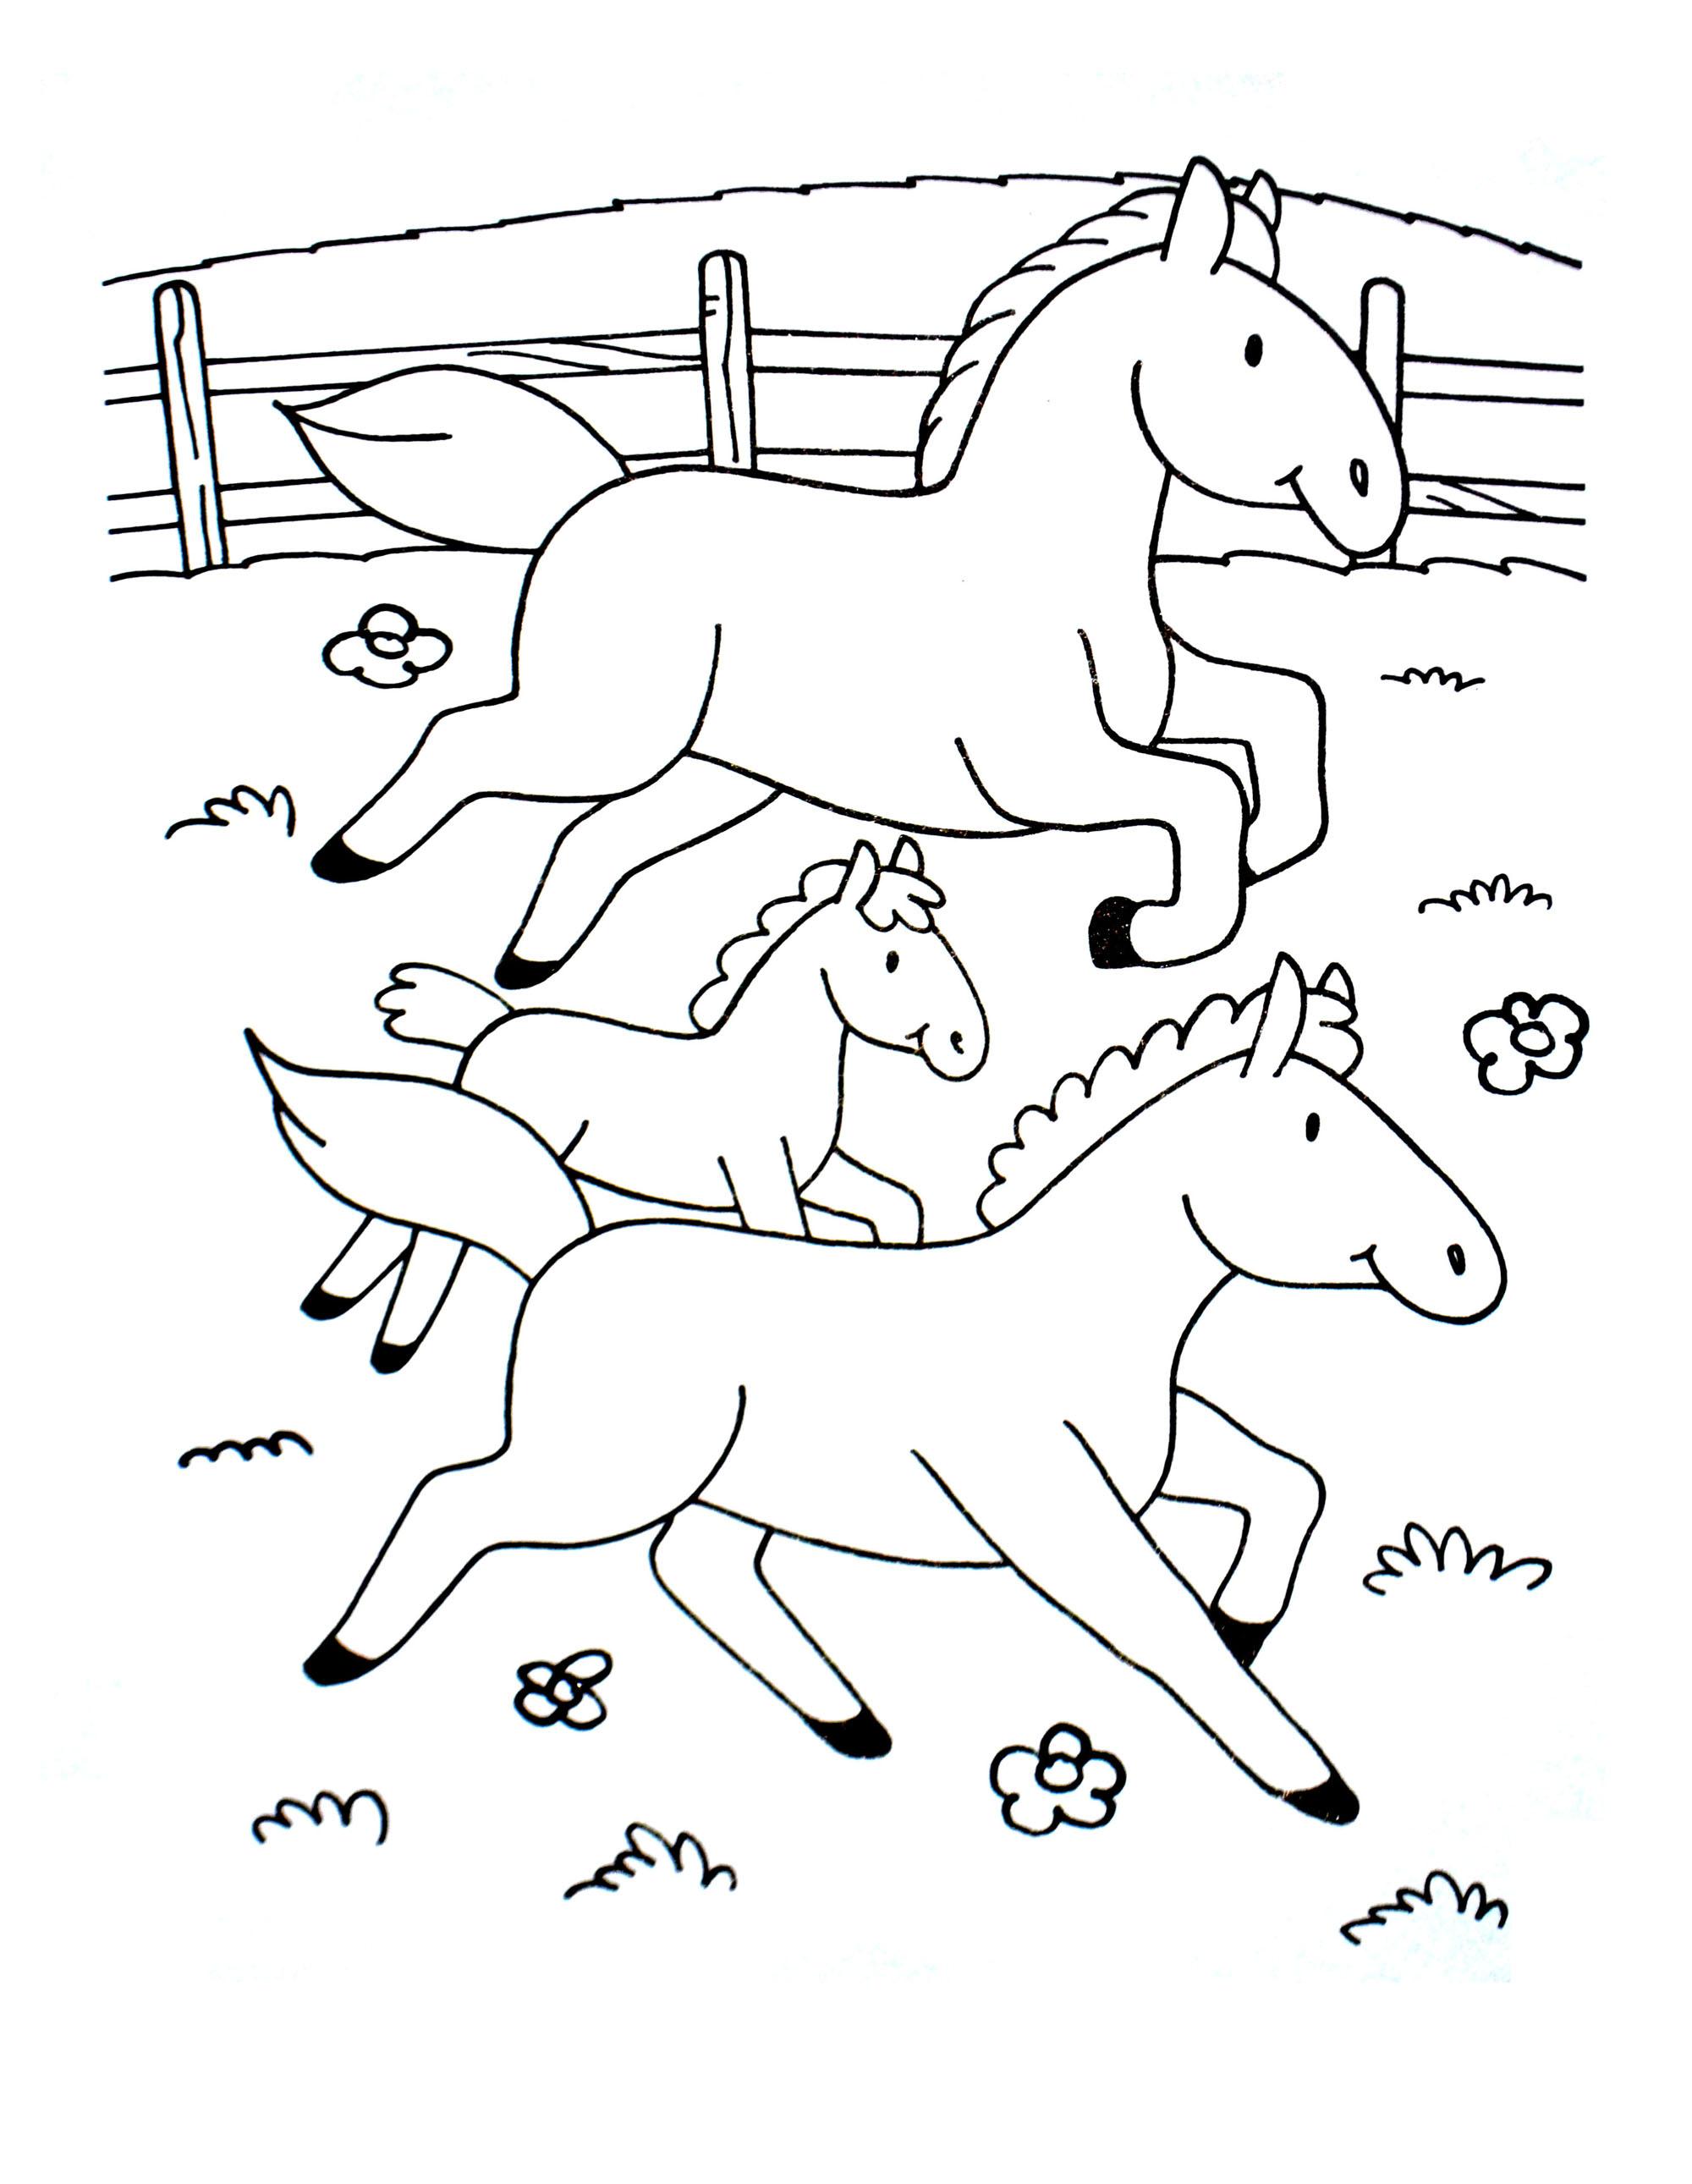 Coloriage Chevaux A Imprimer Pour Enfants Coloriages De Chevaux Et Poneys Coloriages Pour Enfants